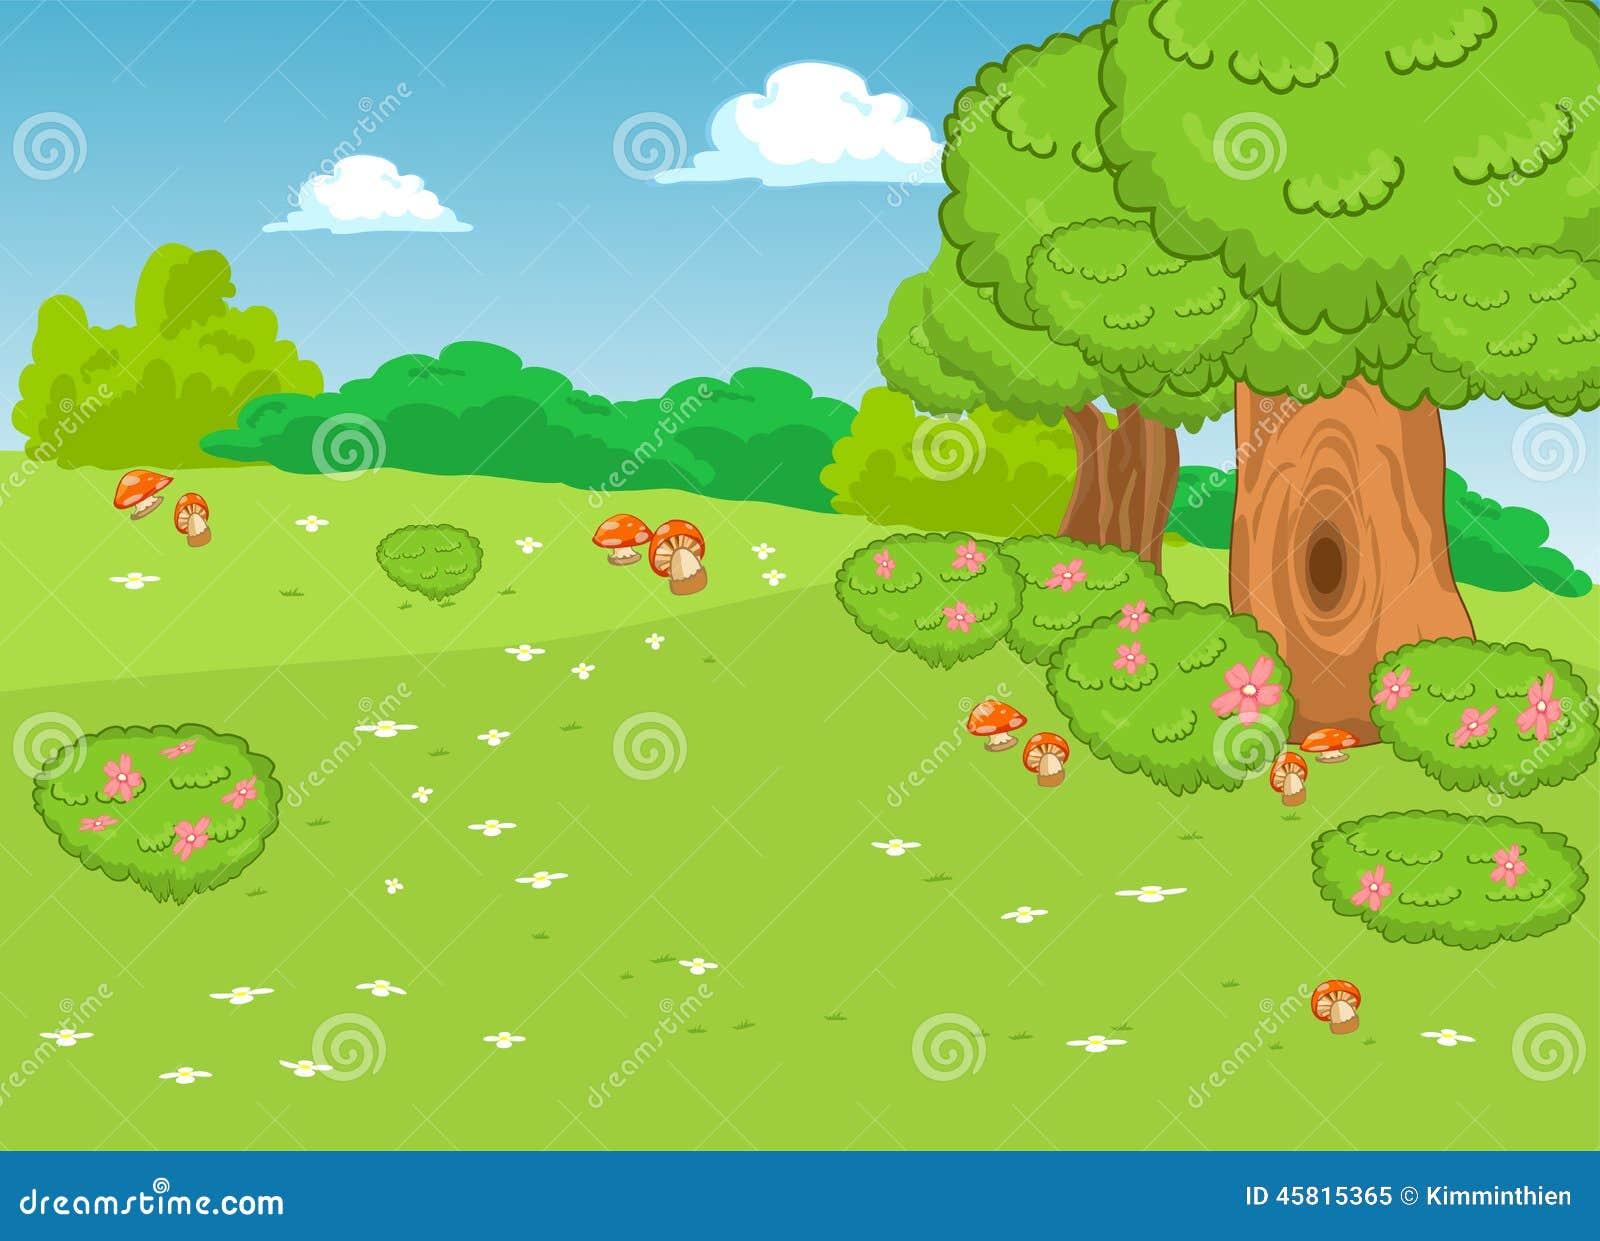 O Fundo Natural Dos Desenhos Animados Da Paisagem Ilustracao Do